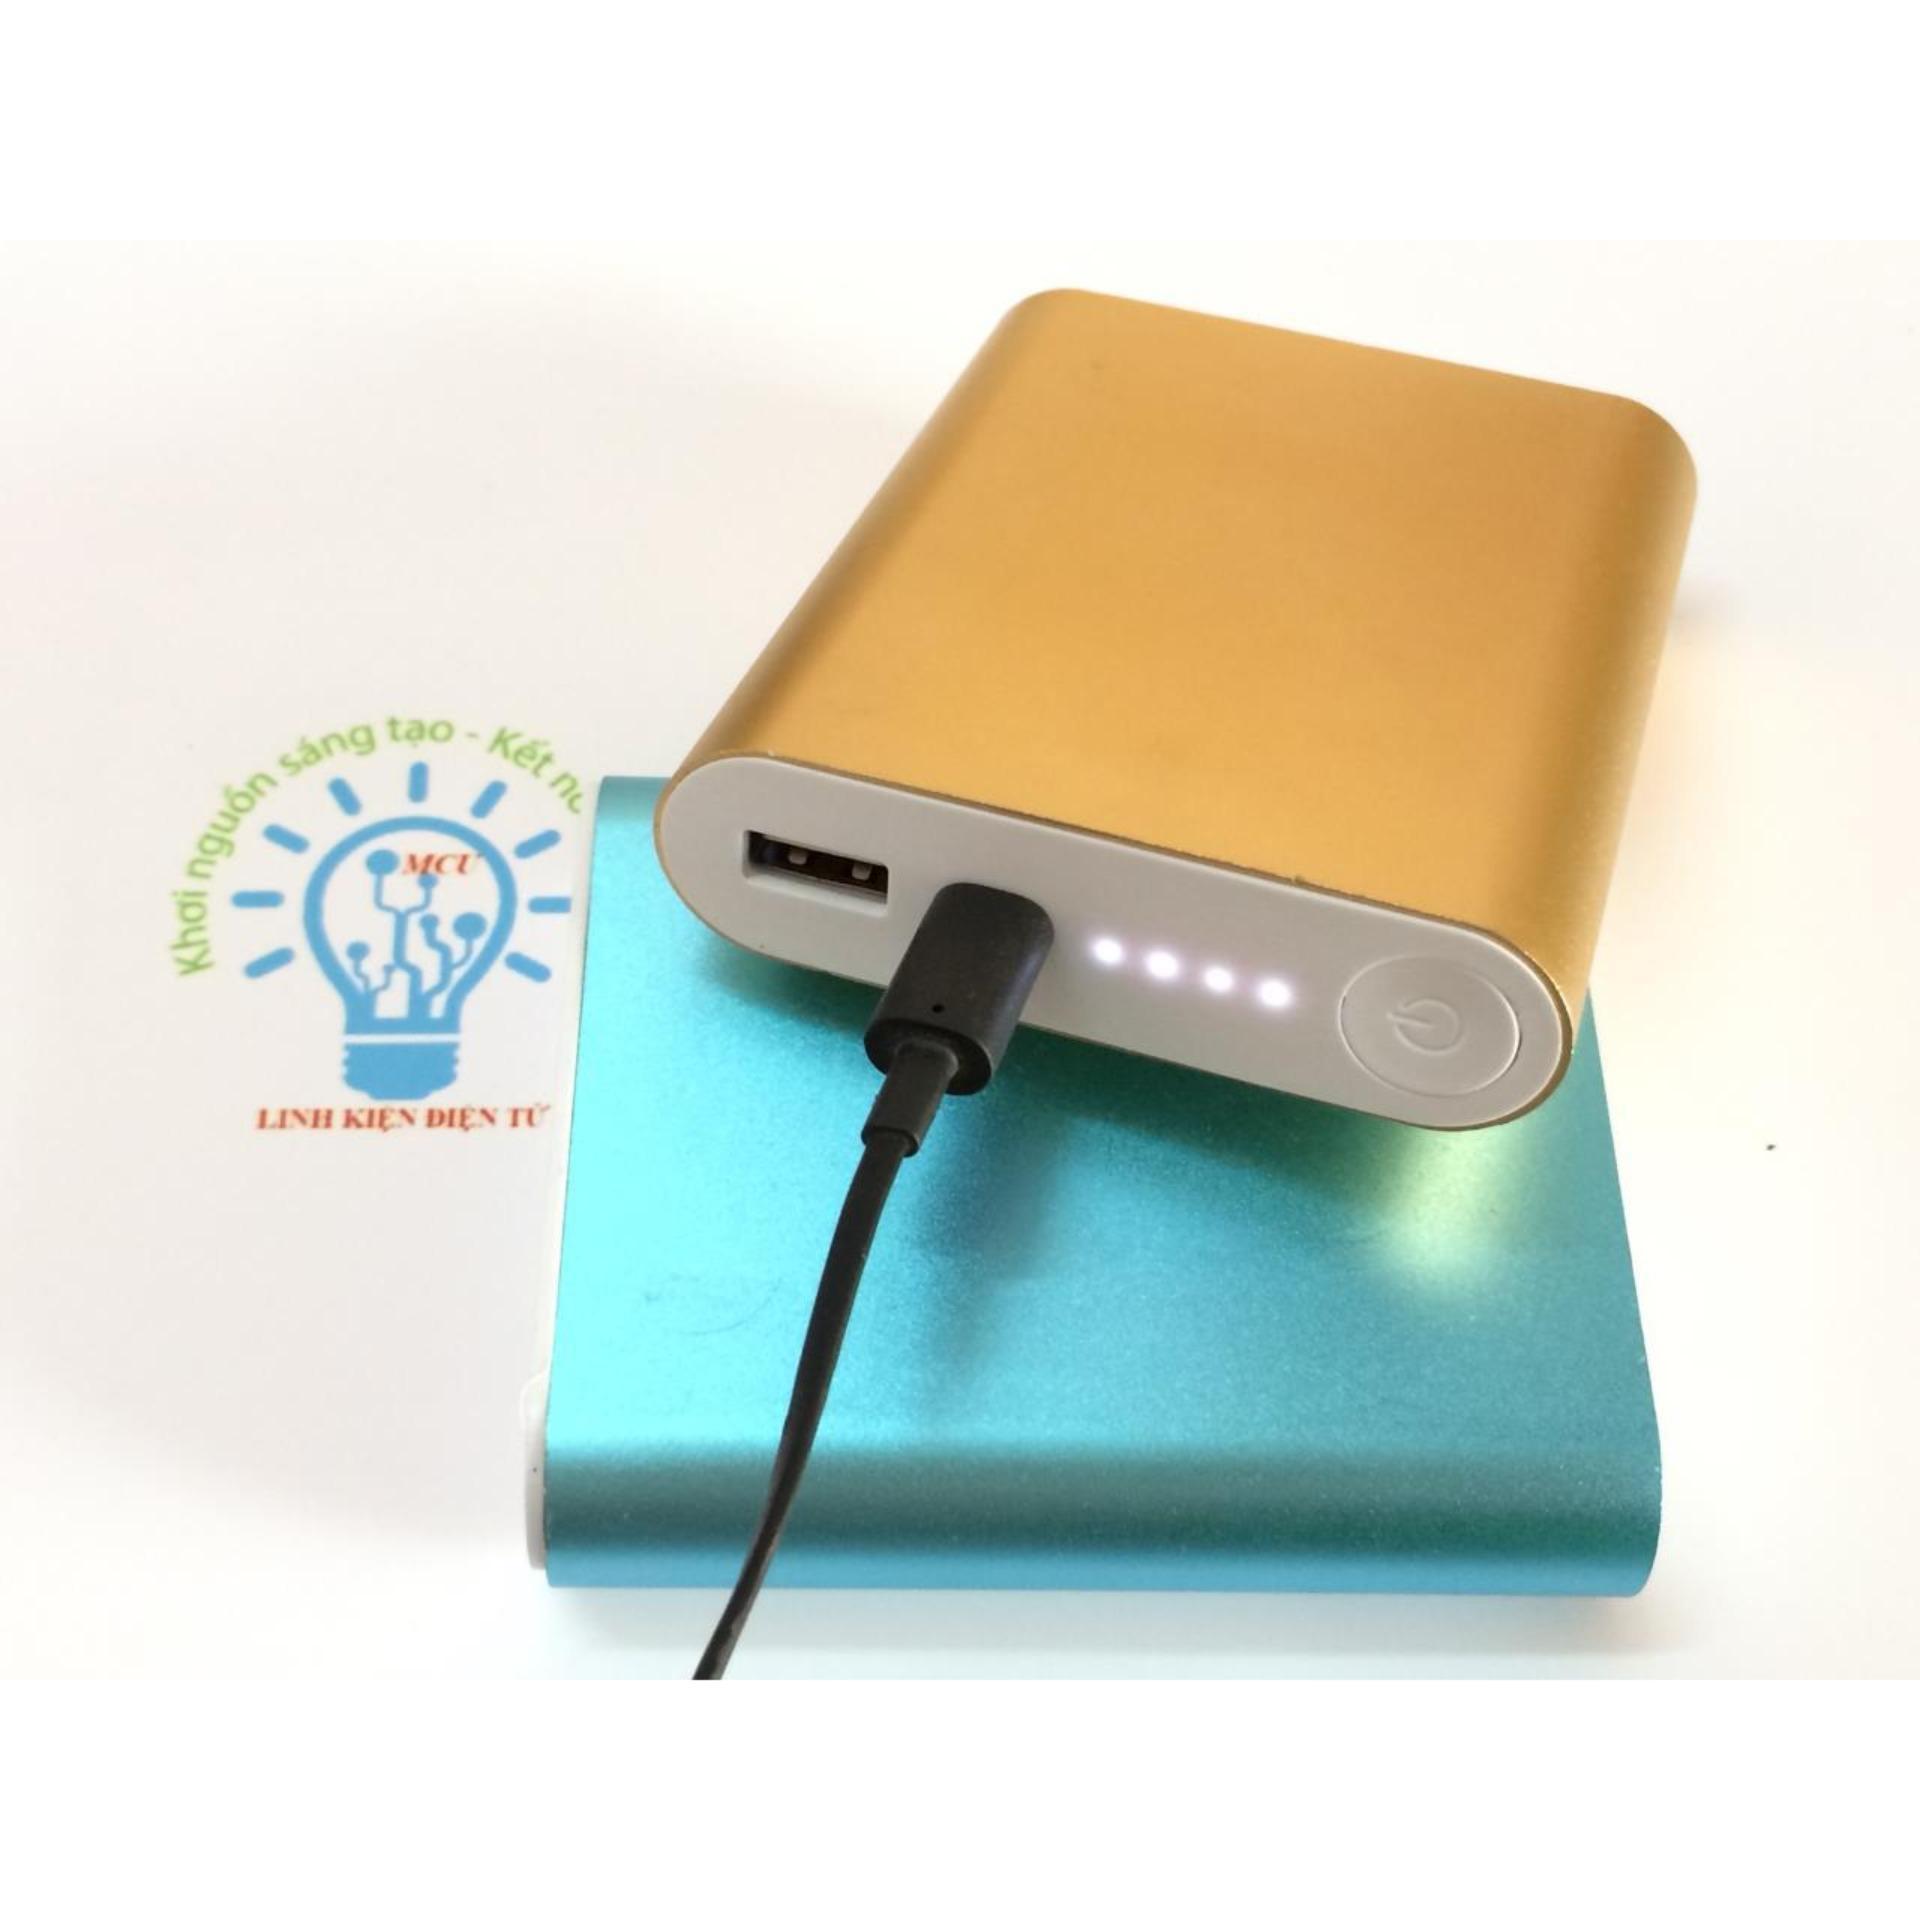 Box Sạc Dự Phòng 4 Cell 2A 18650 Xiaomi Vỏ Nhôm Cao Cấp Tặng Cáp Sạc Zin Cao Cấp ( Không Gồm Pin)  - Màu Sắc Tự Chọn Có Giá Cực Tốt